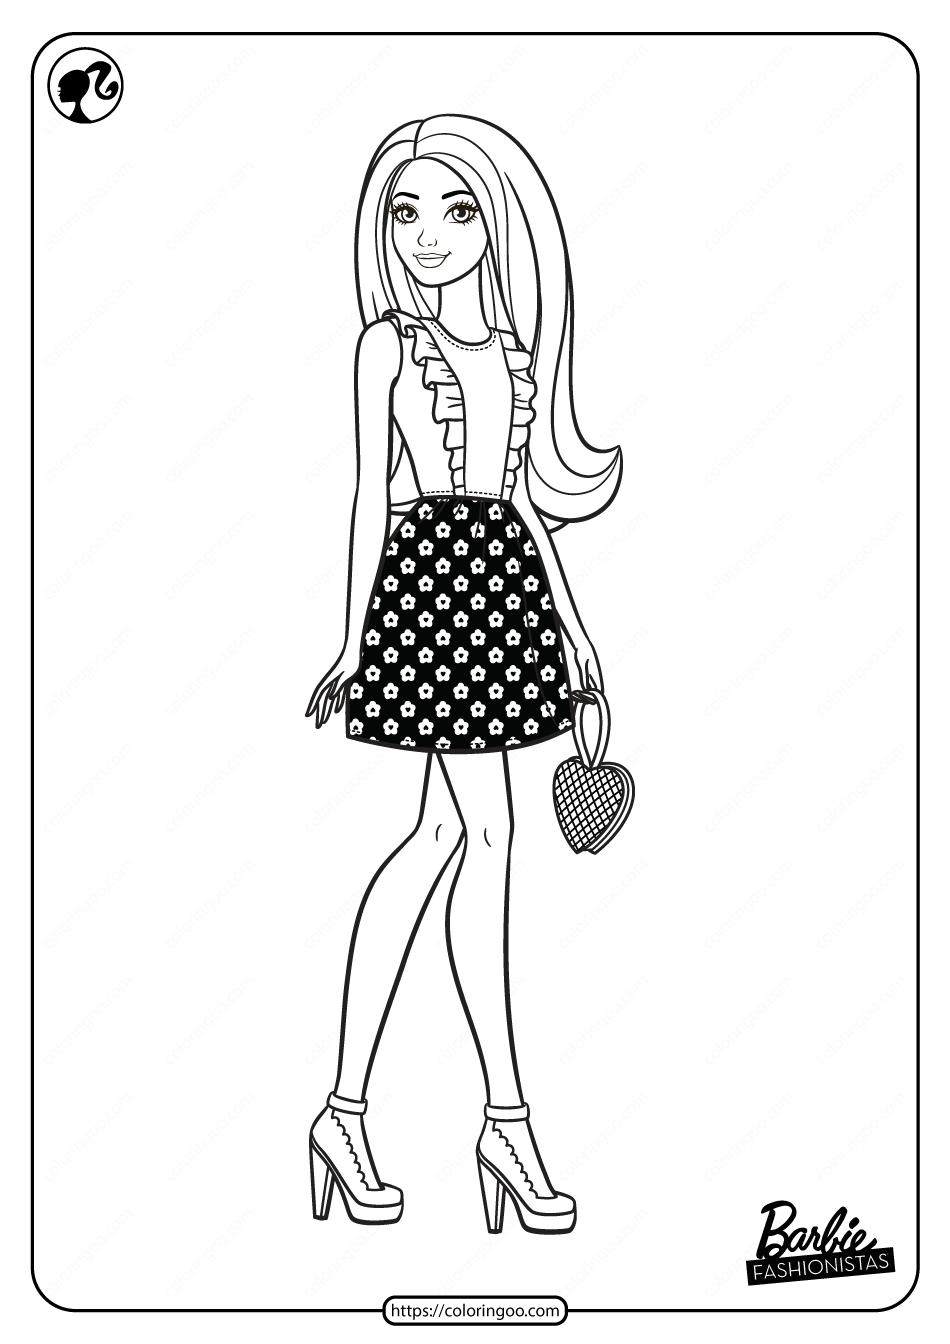 41+ Barbie coloring pages pdf ideas